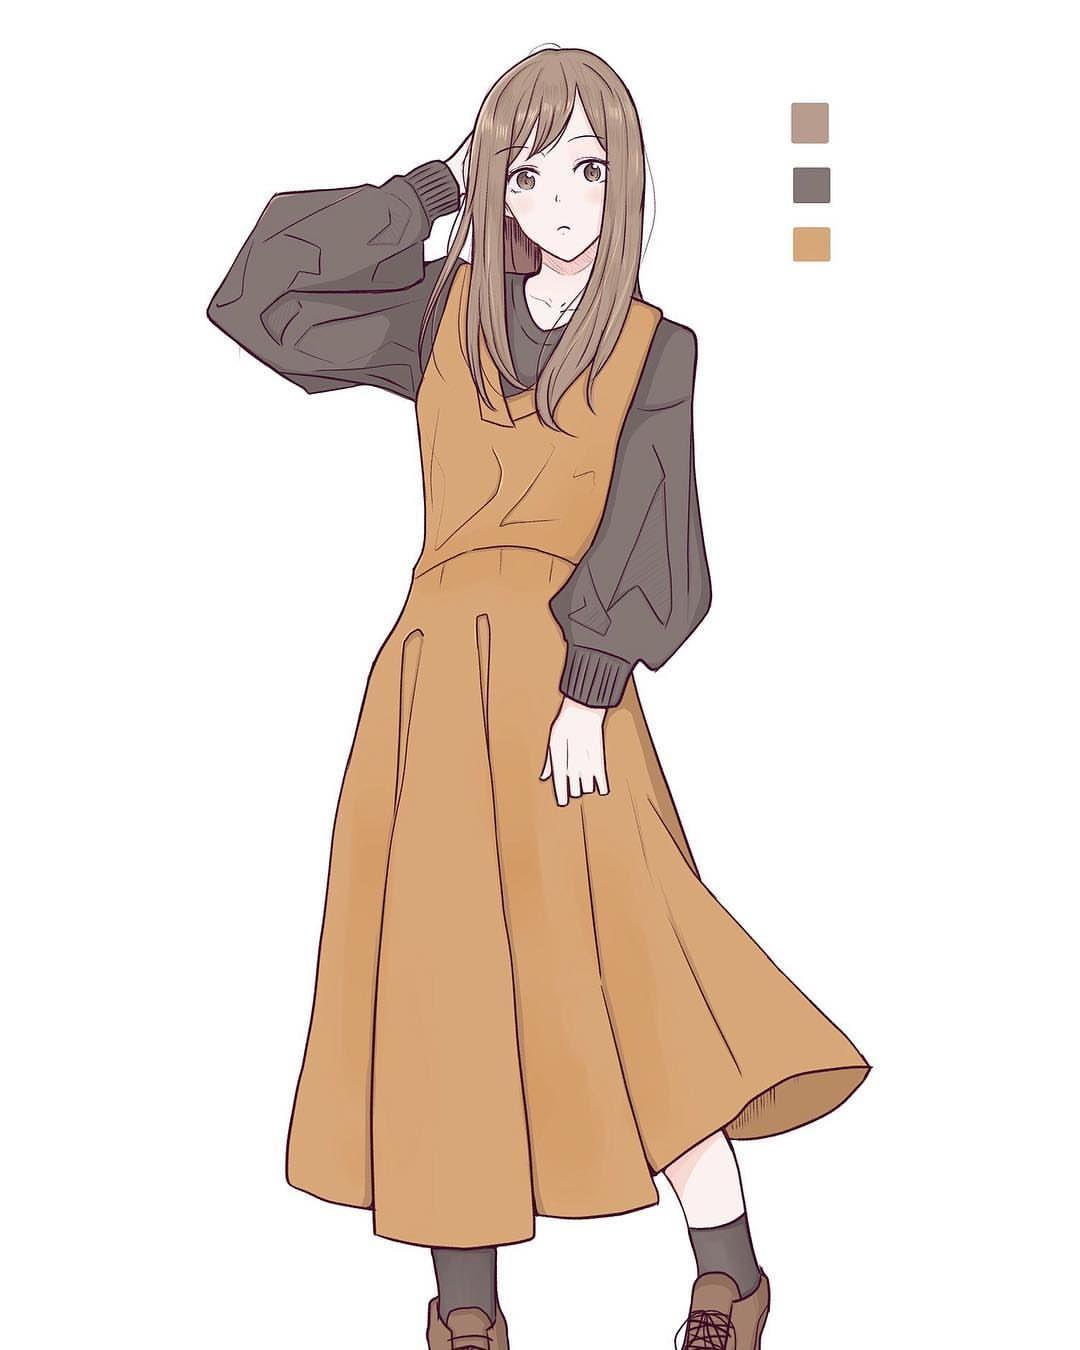 最高の壁紙 服 ワンピース イラスト ワンピース イラスト 服 ワンピース 服 イラスト 女の子 ワンピース